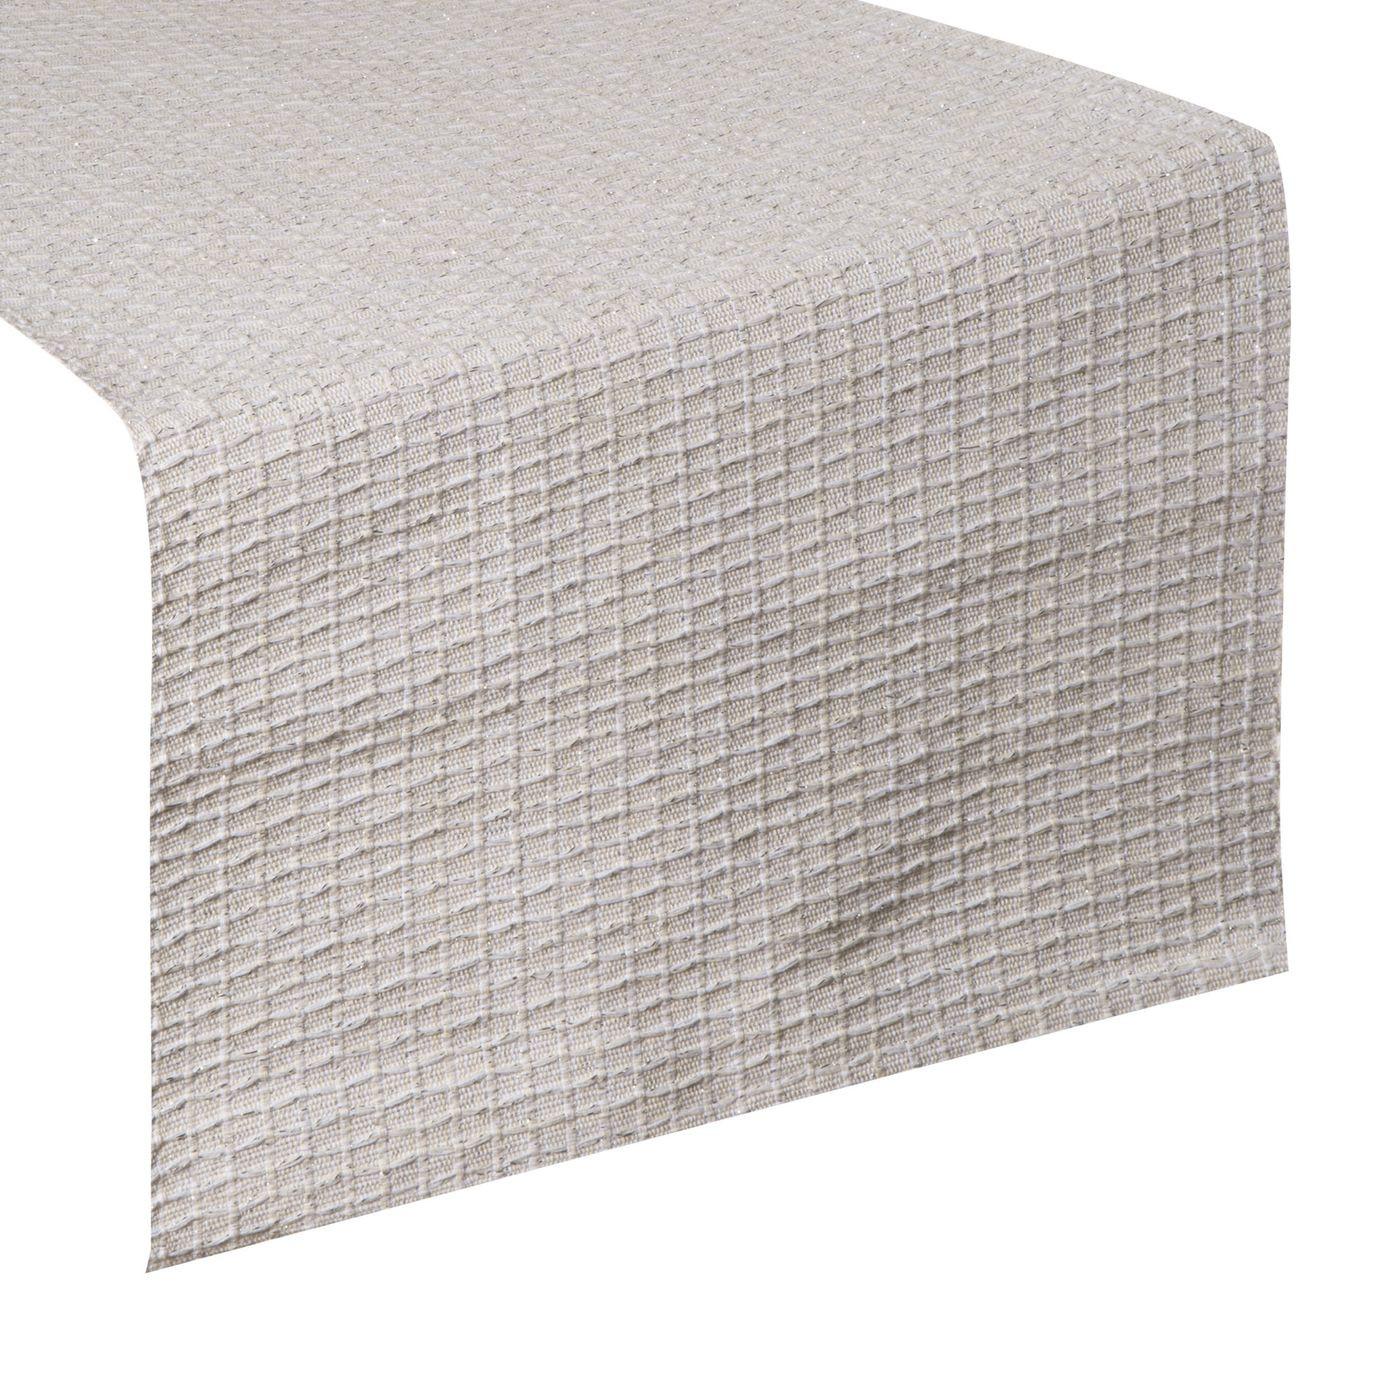 Biały bawełniany bieżnik tłoczony 40x140 cm